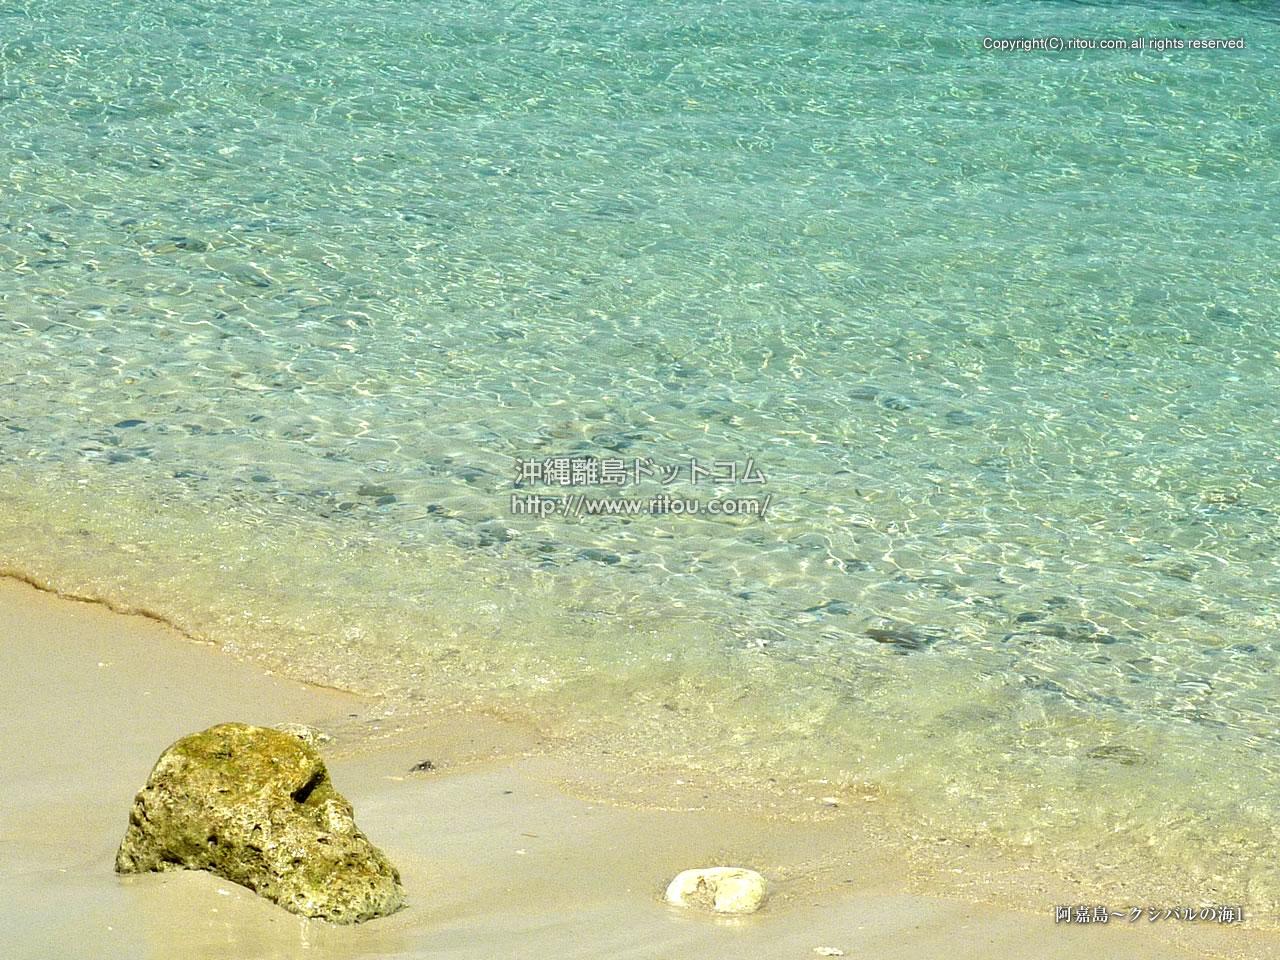 阿嘉島〜クシバルの海1